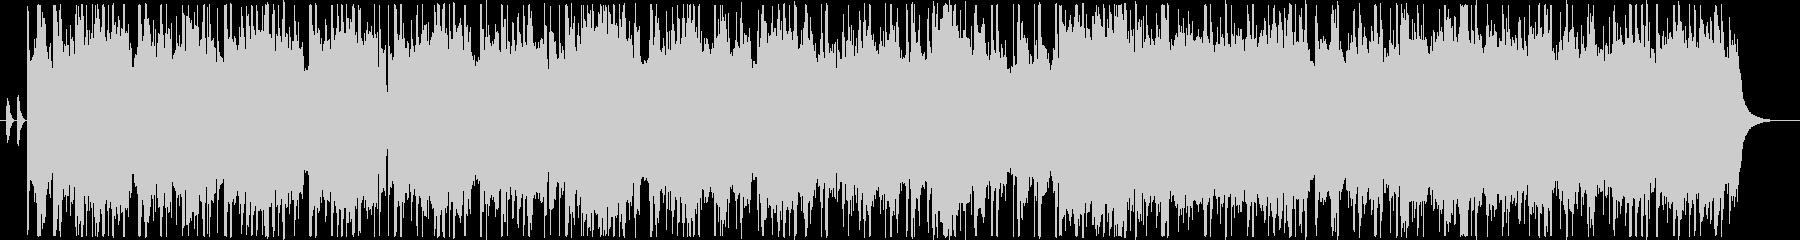 実験的な岩 バックシェイク メタル...の未再生の波形